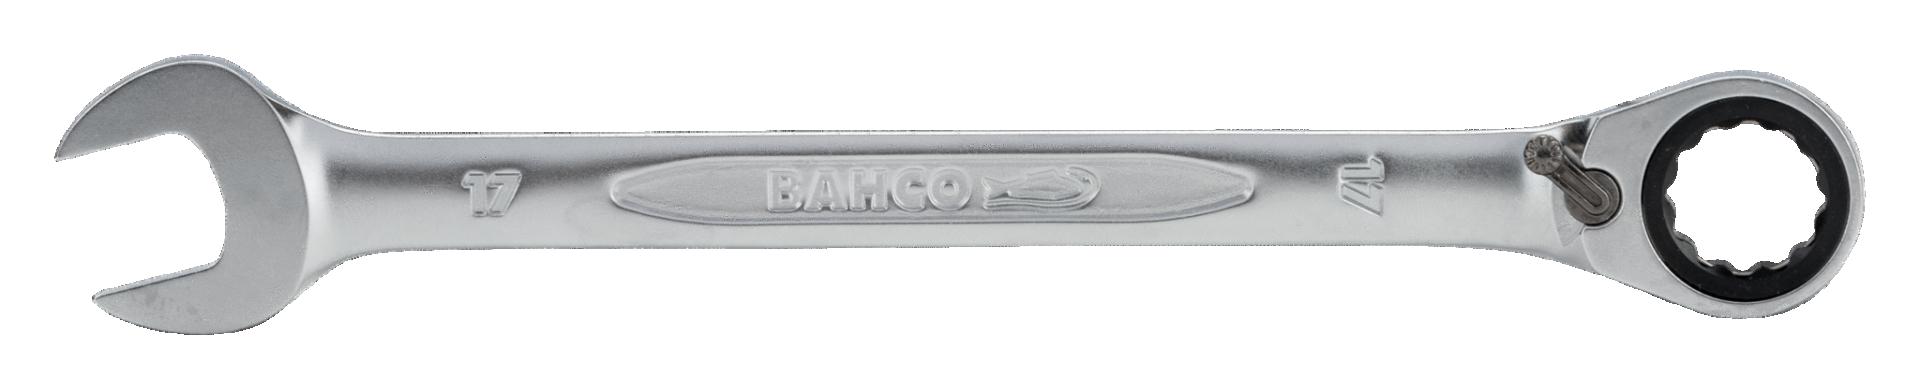 Klucz płasko-oczkowy z grzechotką 24 mm Dynamic-Drive Bahco (nr kat. 1RM-24)